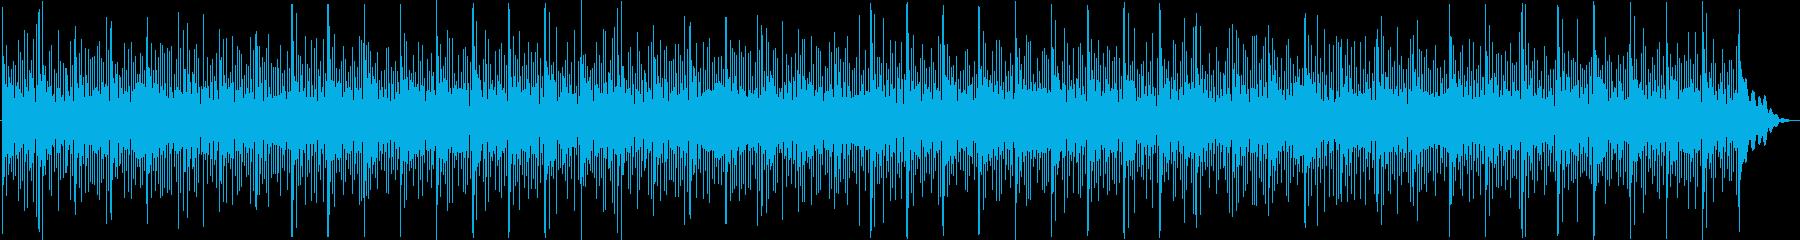 シンセサイザーパッド全体が低速のシ...の再生済みの波形